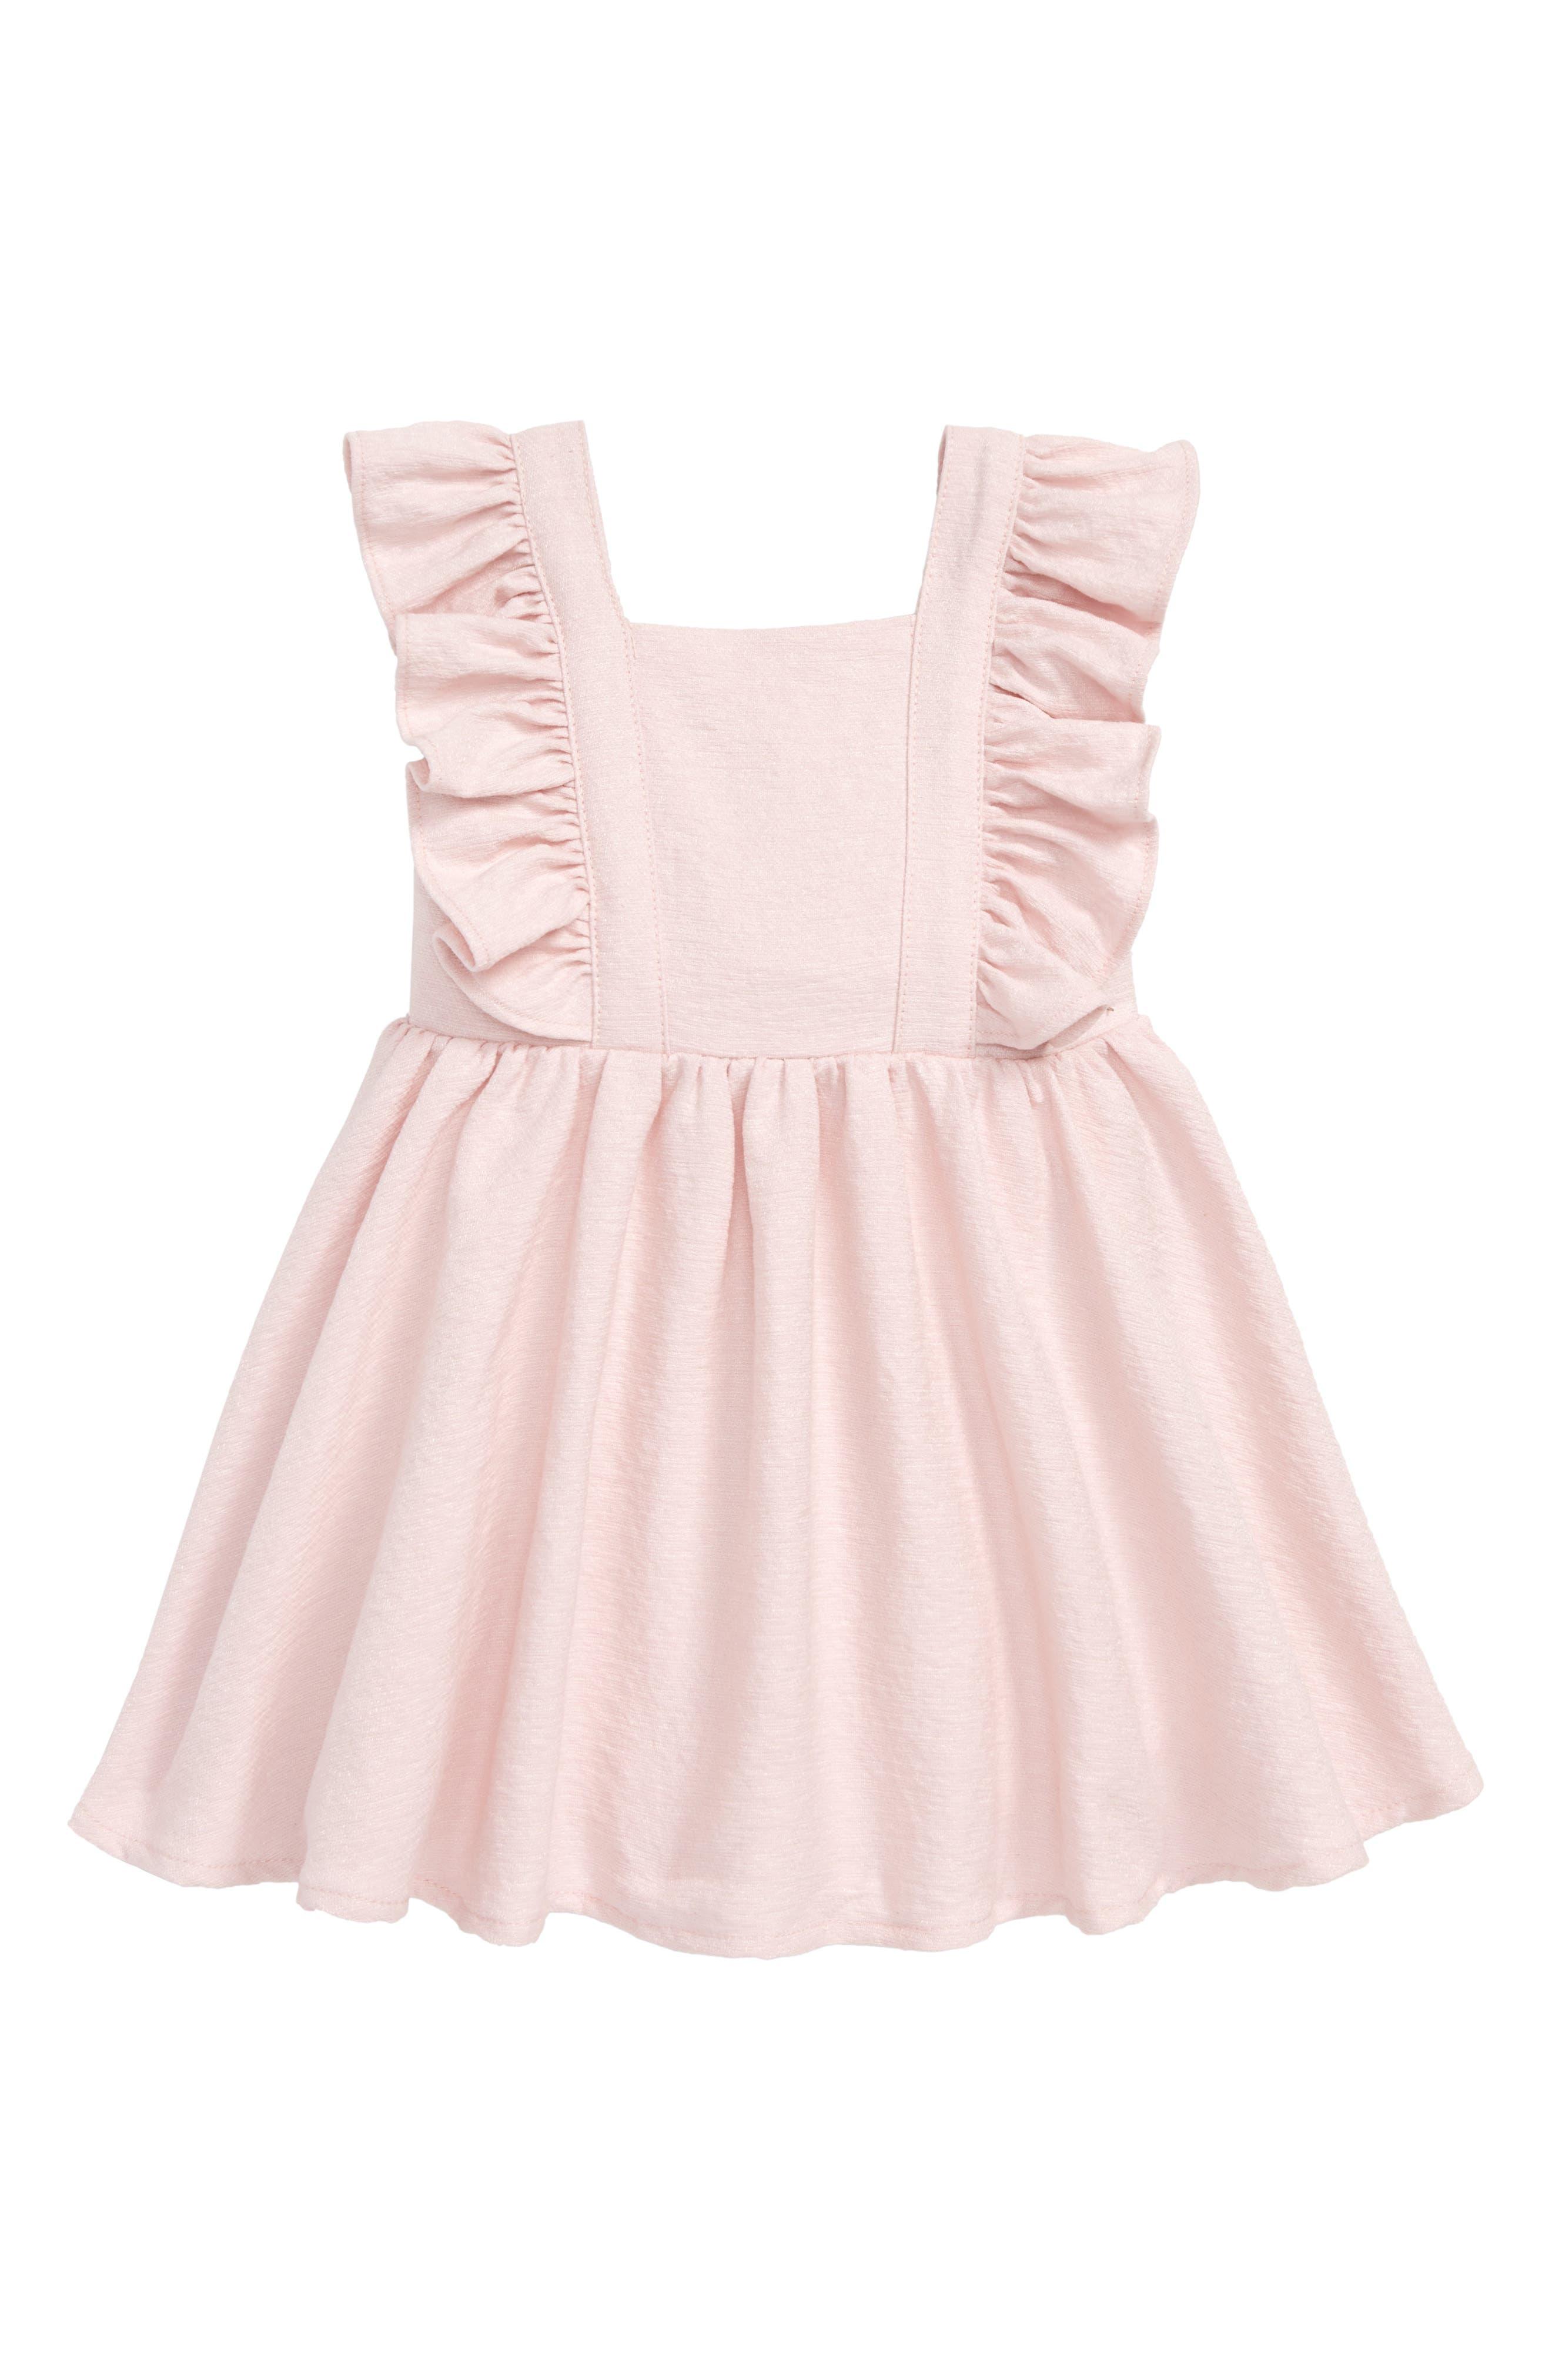 Estella Bow Party Dress,                         Main,                         color, Potpourri